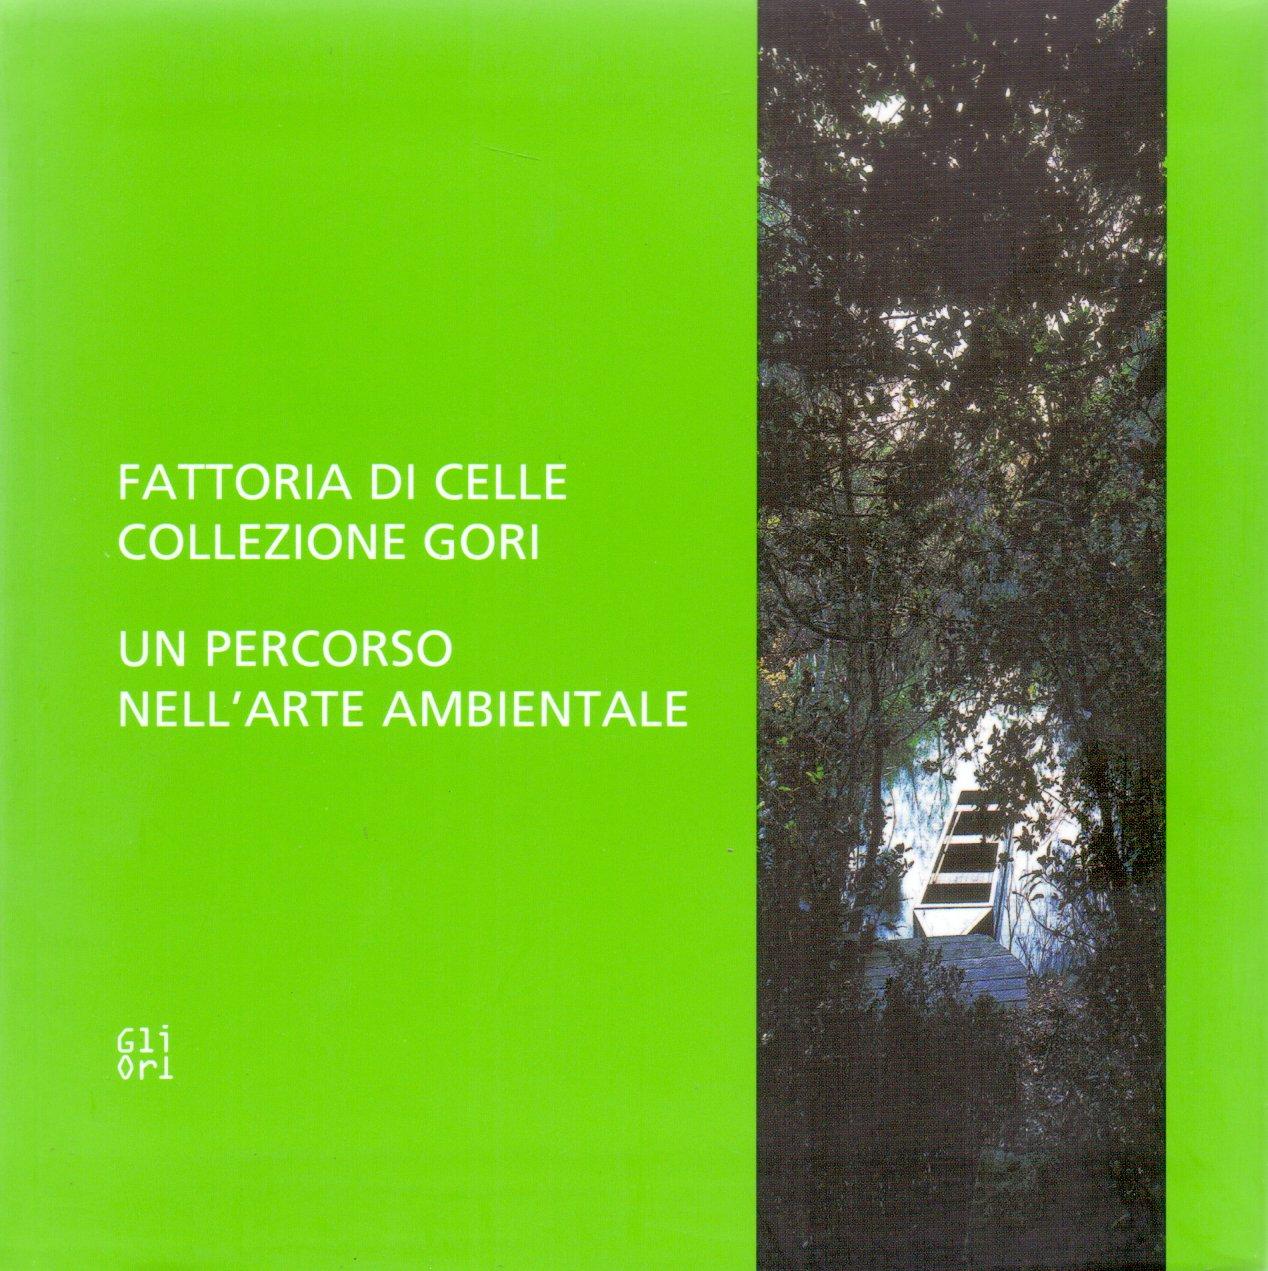 Fondazione centro studi campostrini eventi for Planimetrie della fattoria contemporanea